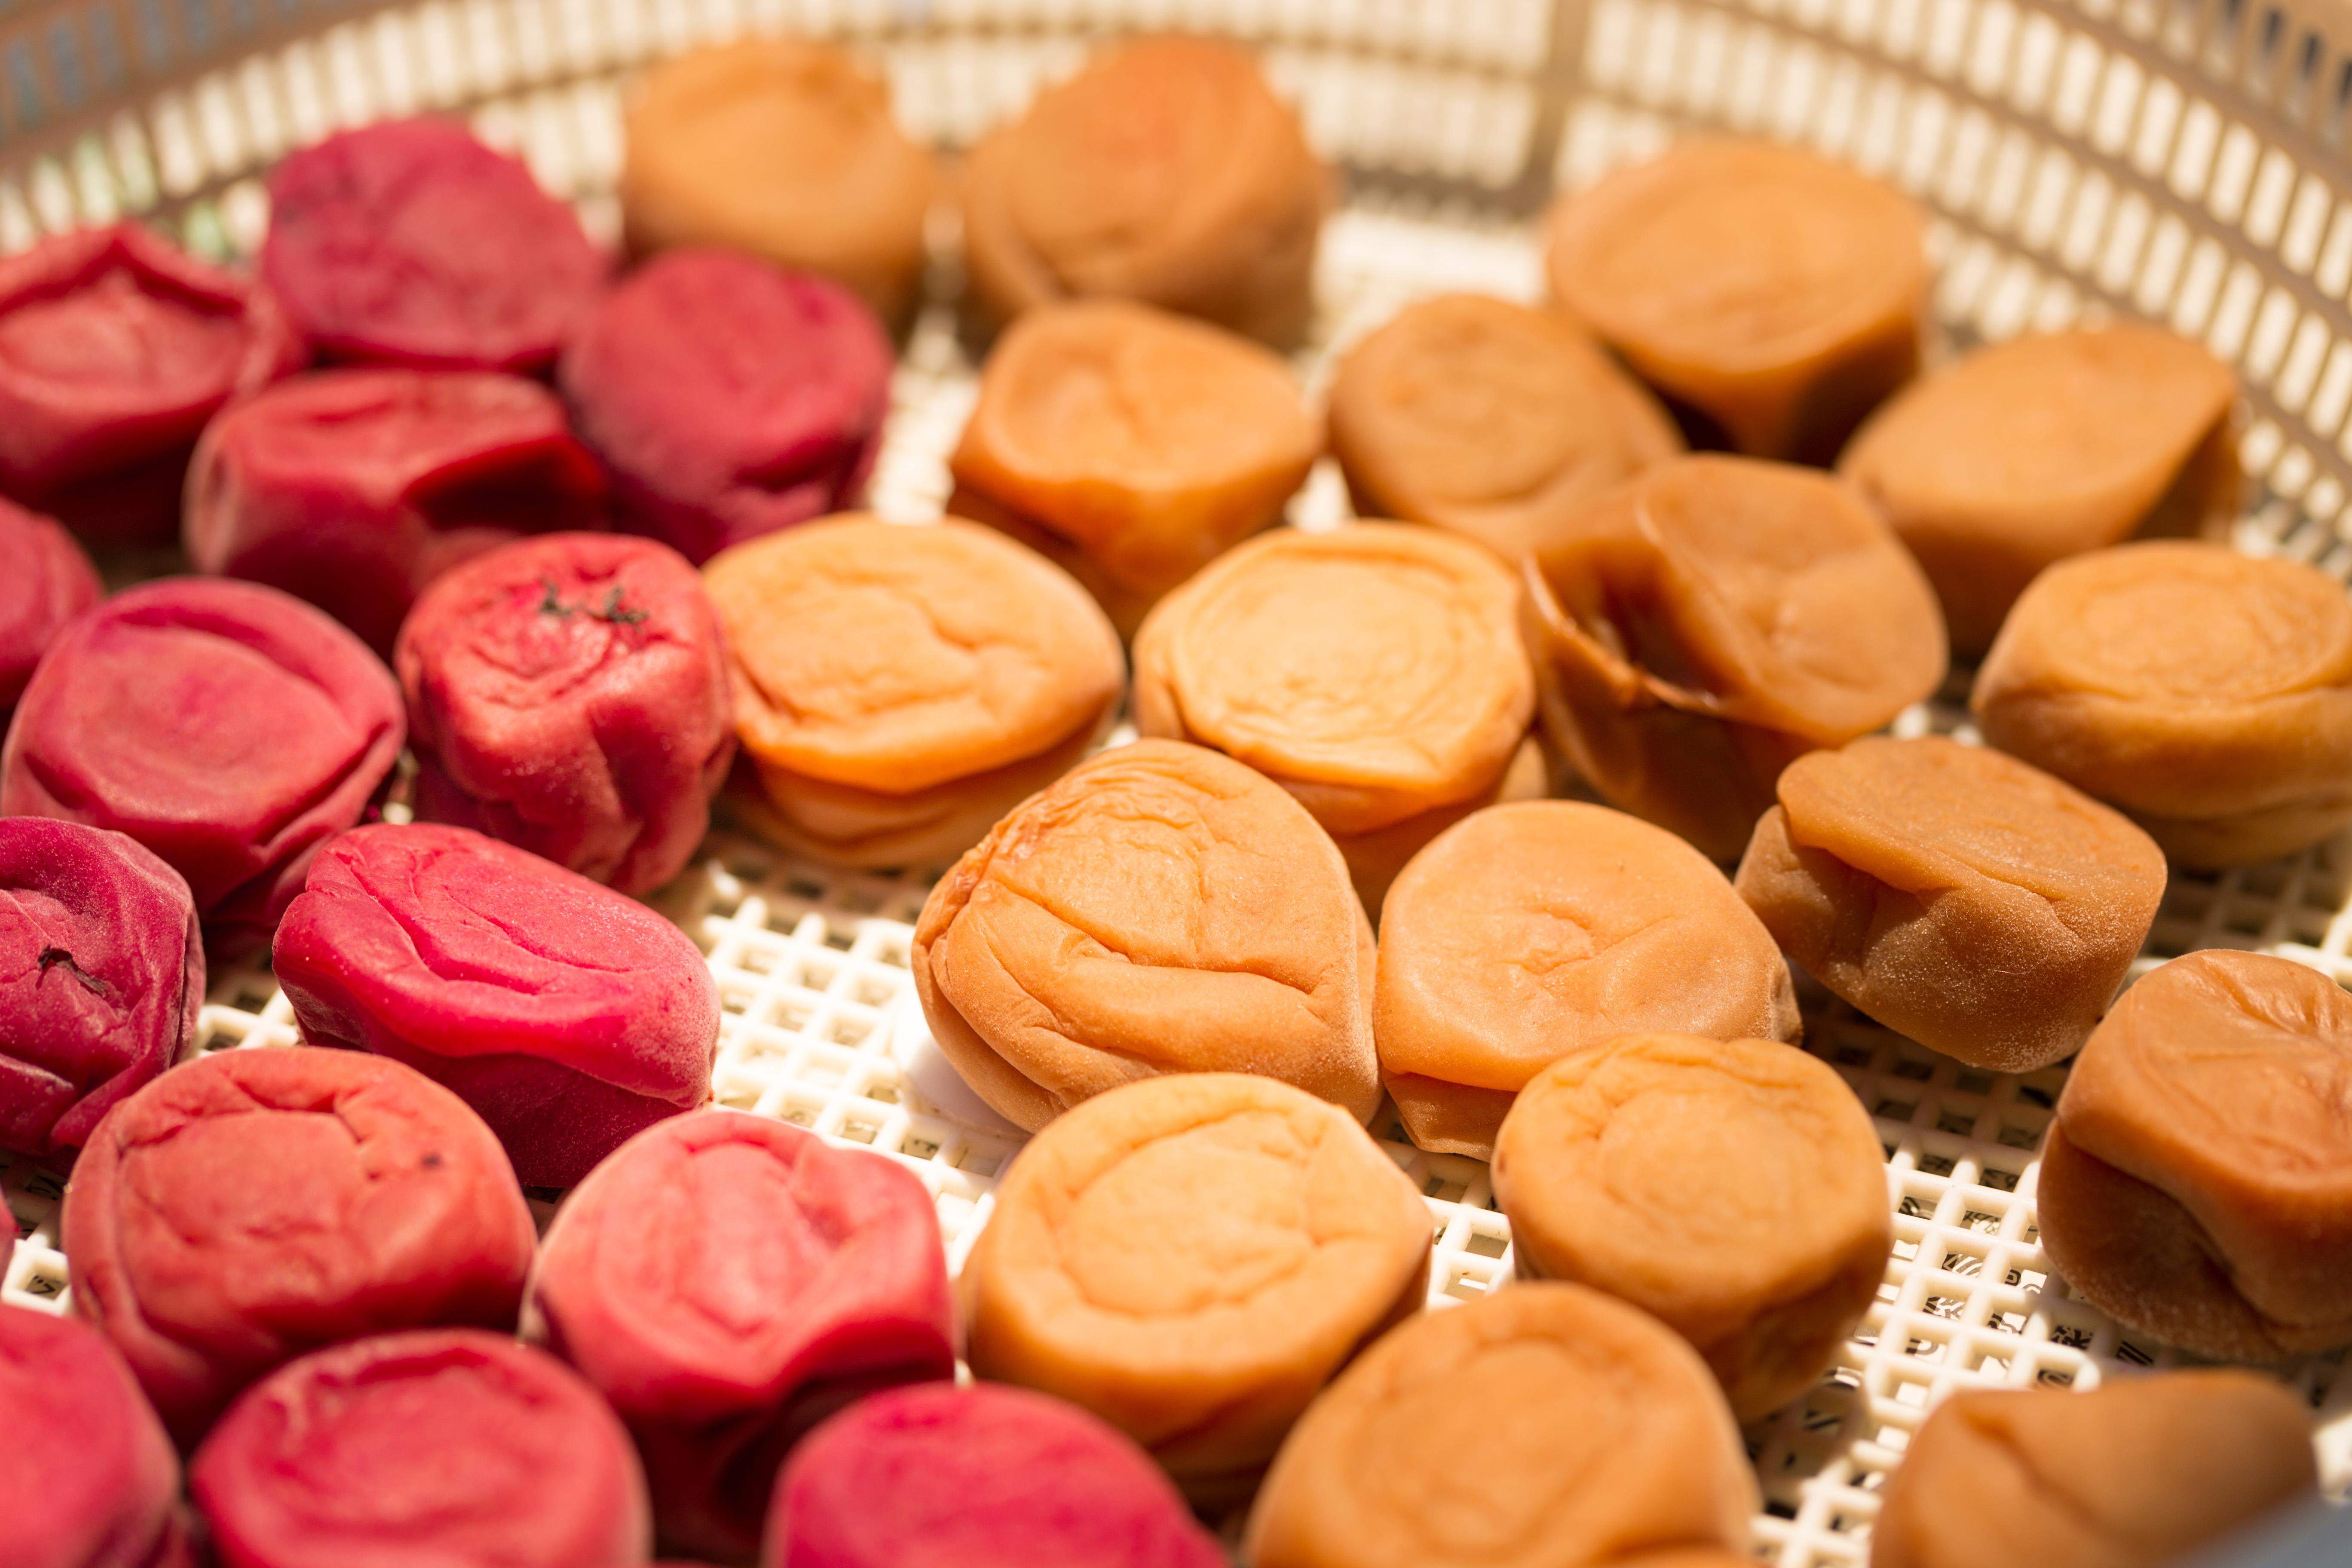 7種類の自家製梅干しのレポ。塩の種類は?自家製ゆかりの作り方